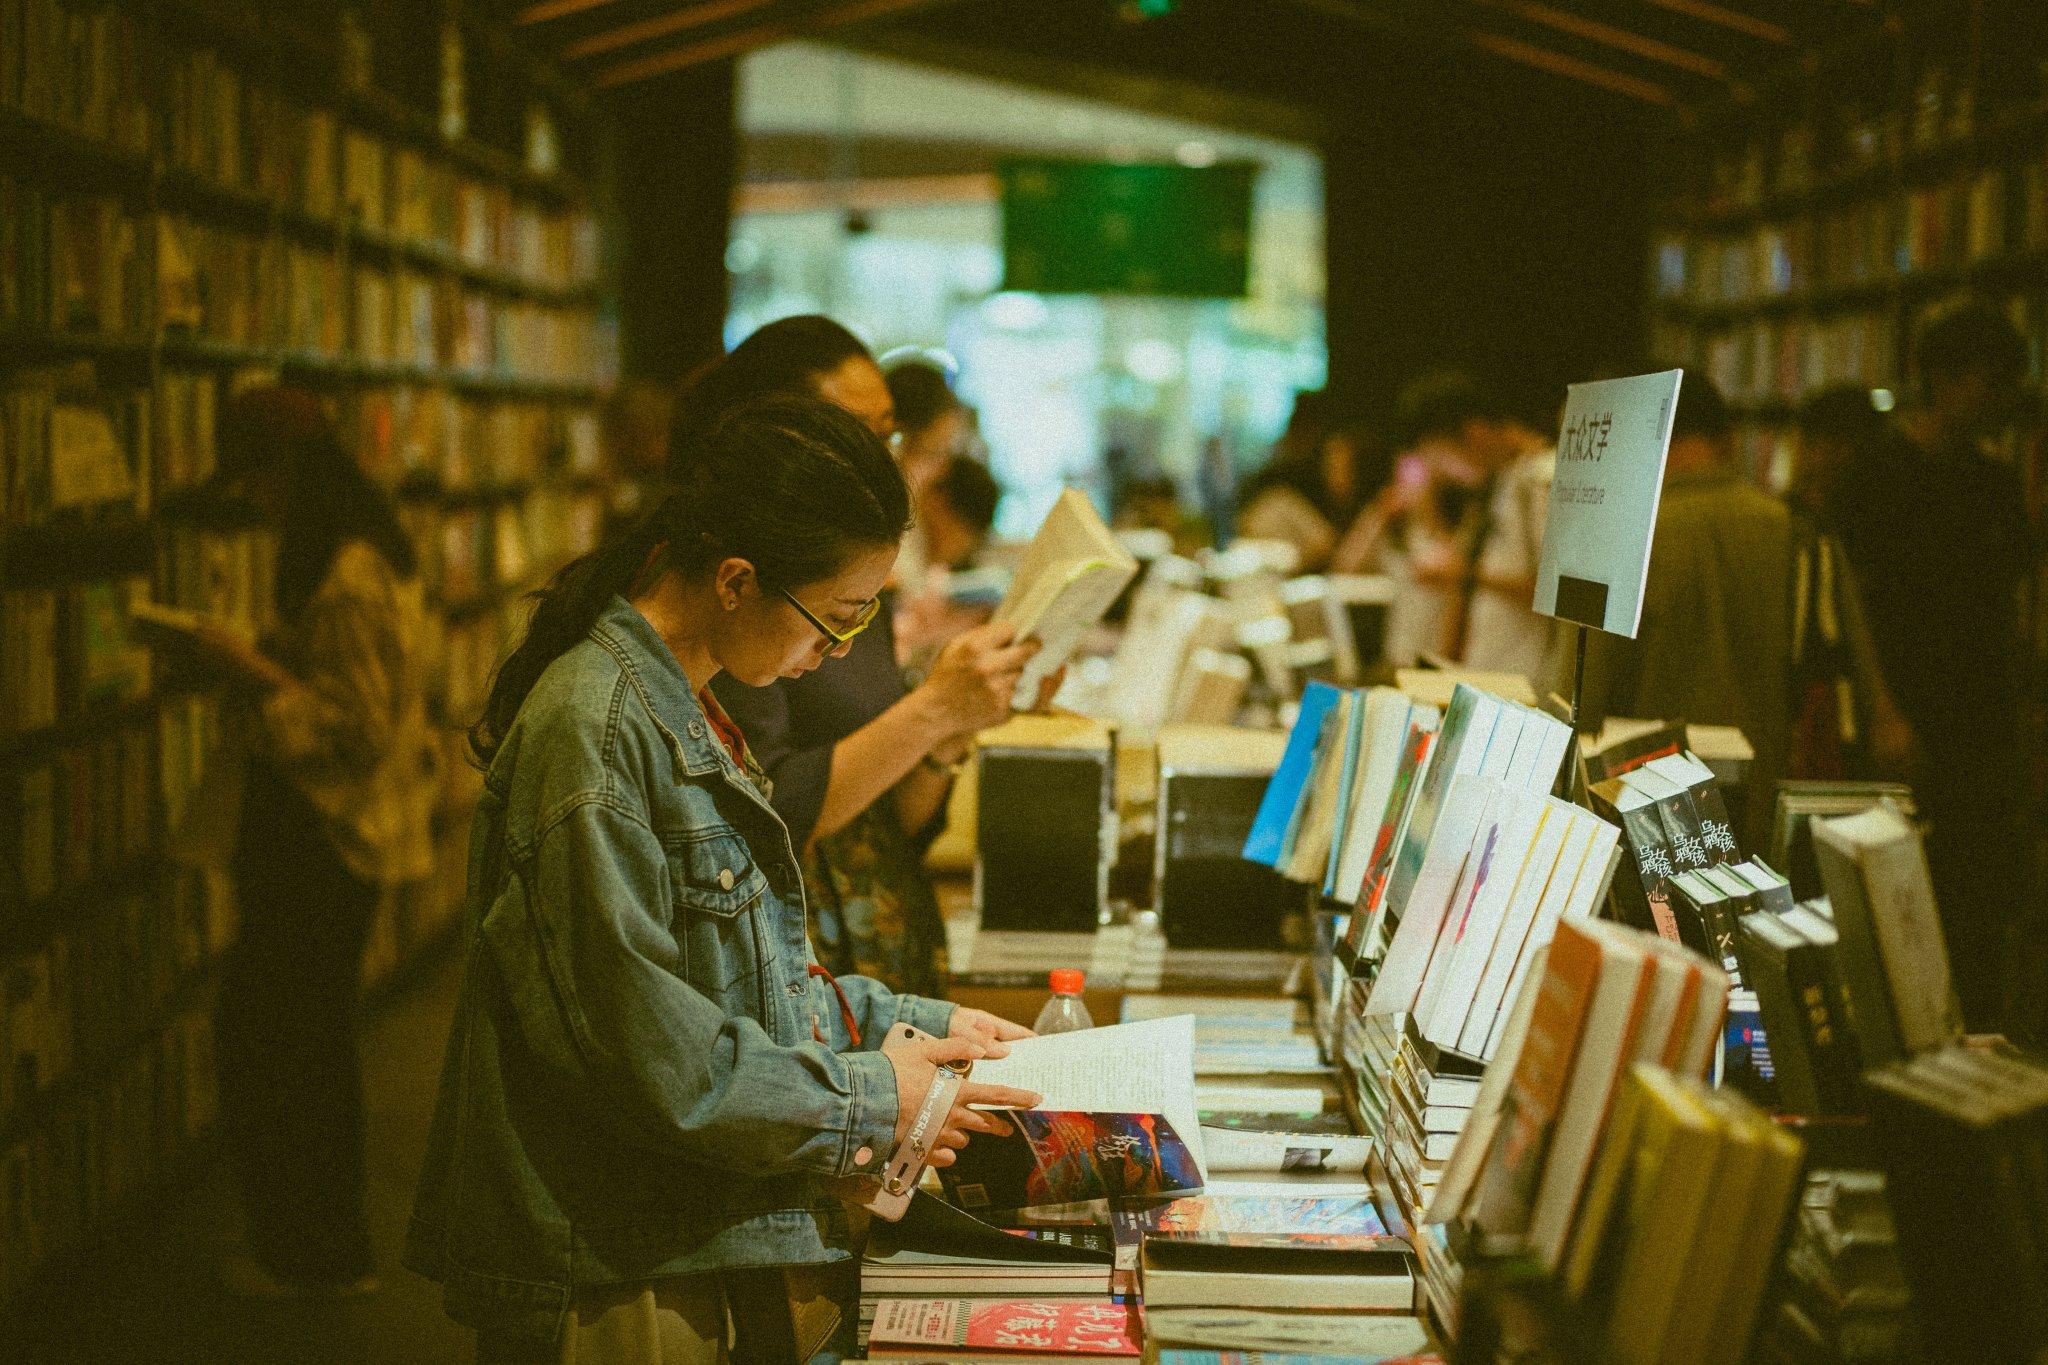 распространенным почему нельзя фотографировать в книжных магазинах интерьере делает атмосферу